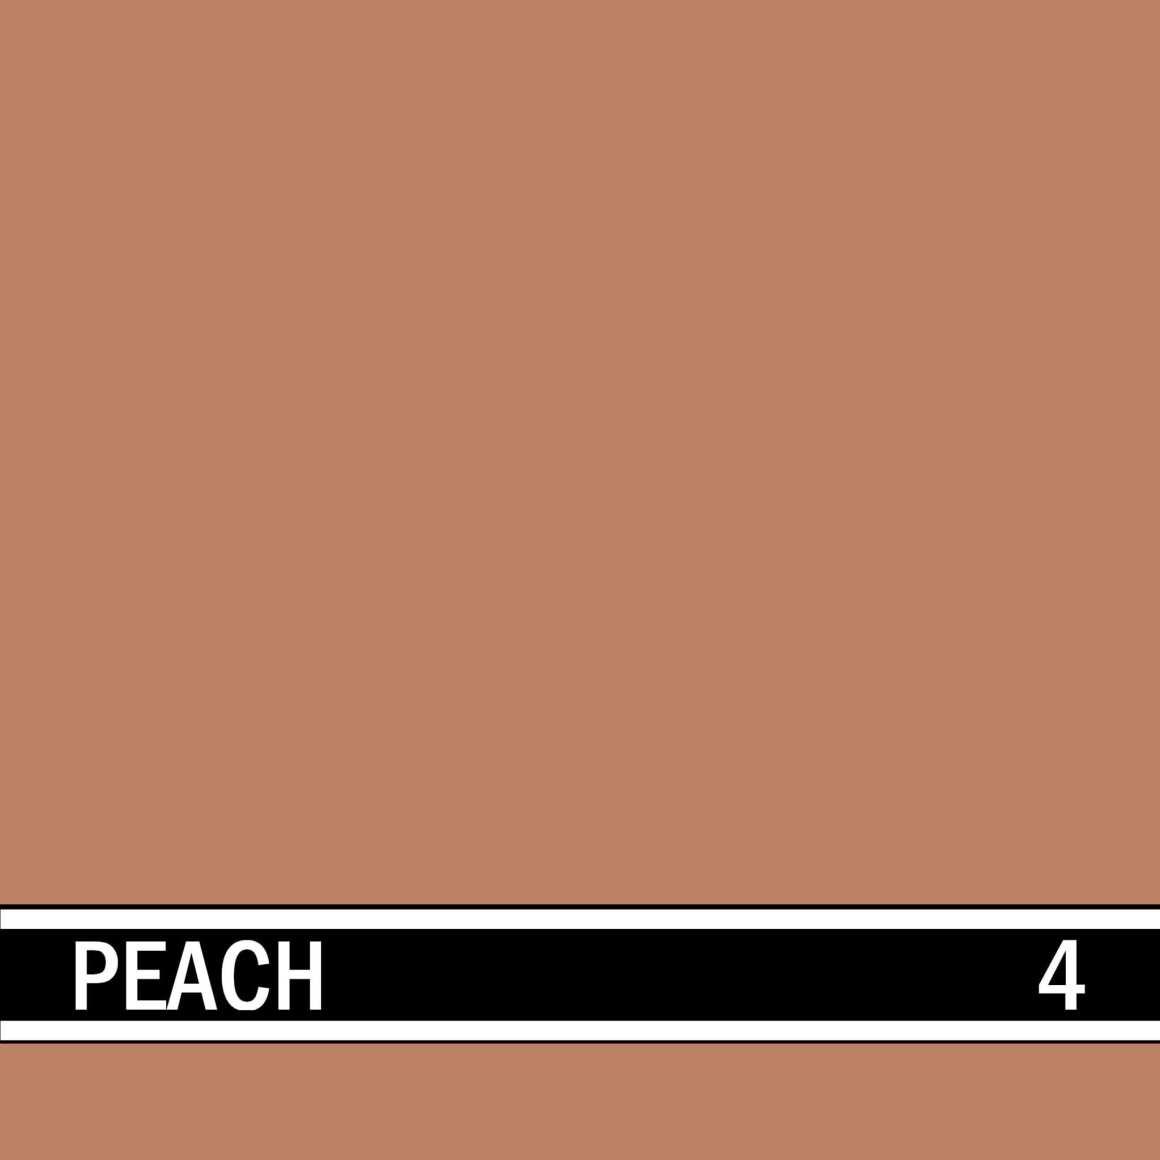 Peach integral concrete color for stamped concrete and decorative colored concrete